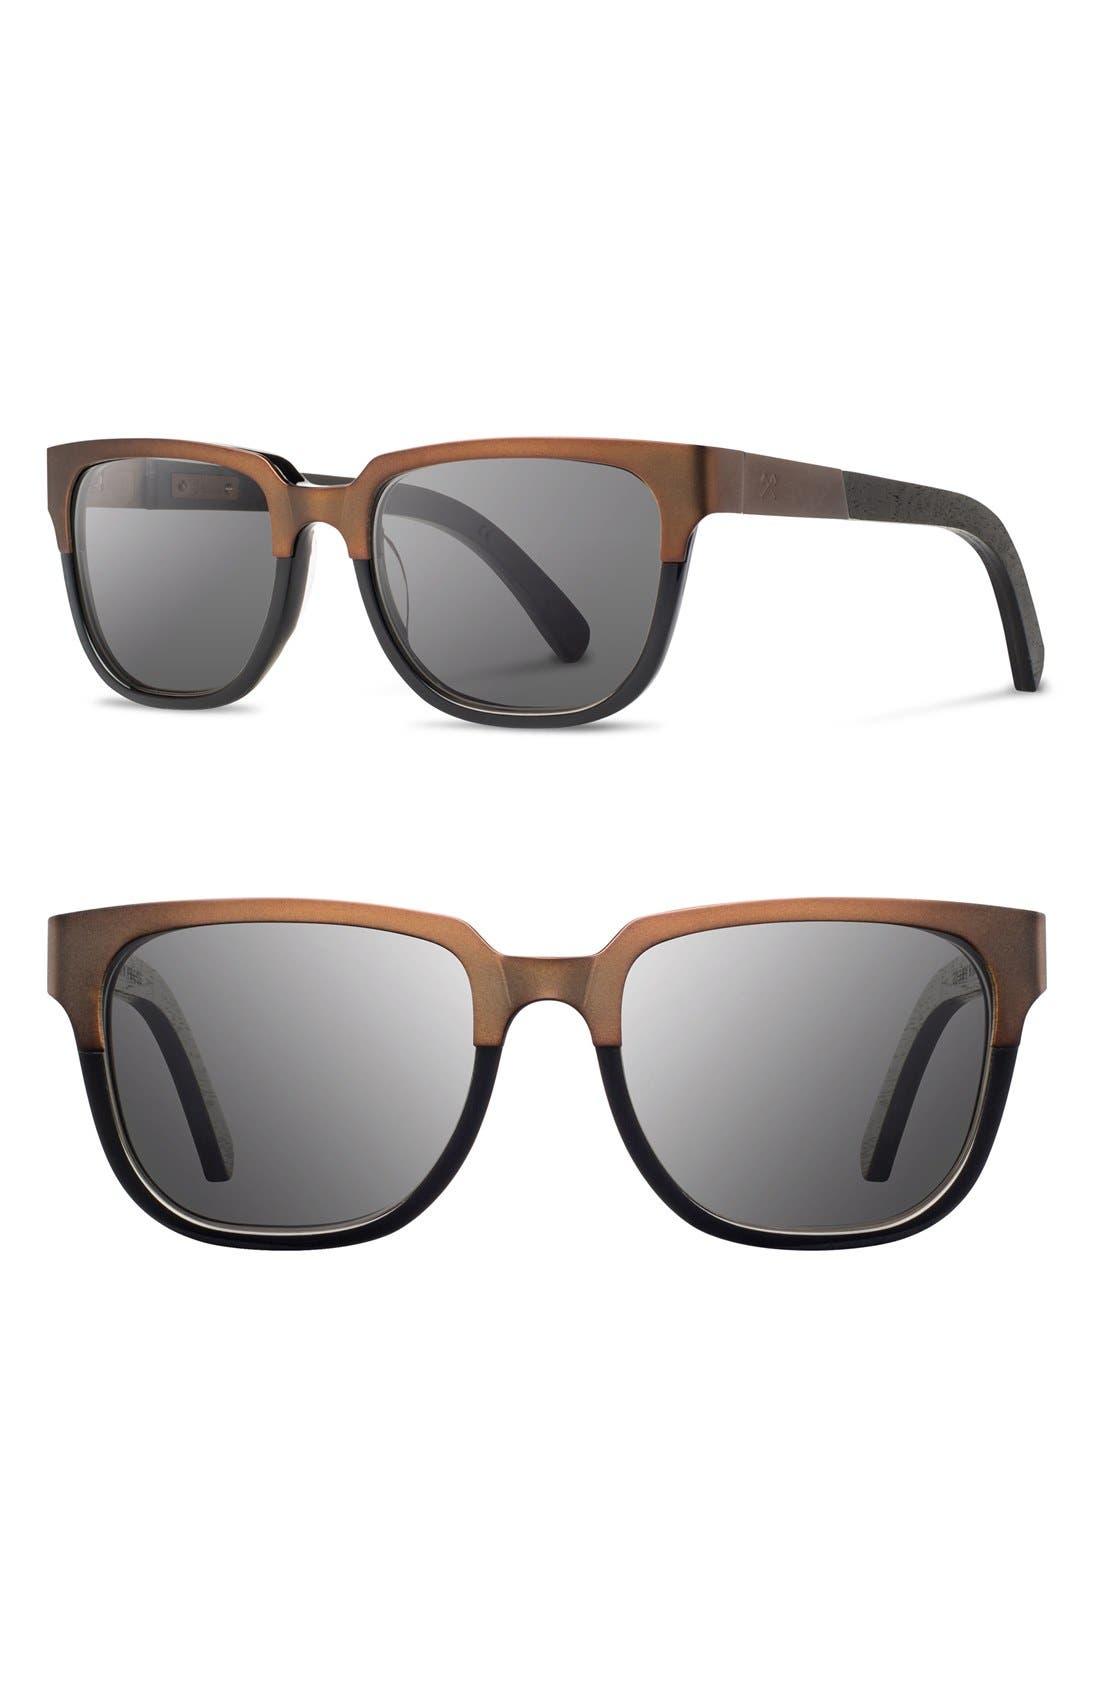 'Prescott' 52mm Titanium & Wood Sunglasses,                         Main,                         color, Bronze Titanium/ Black/ Grey